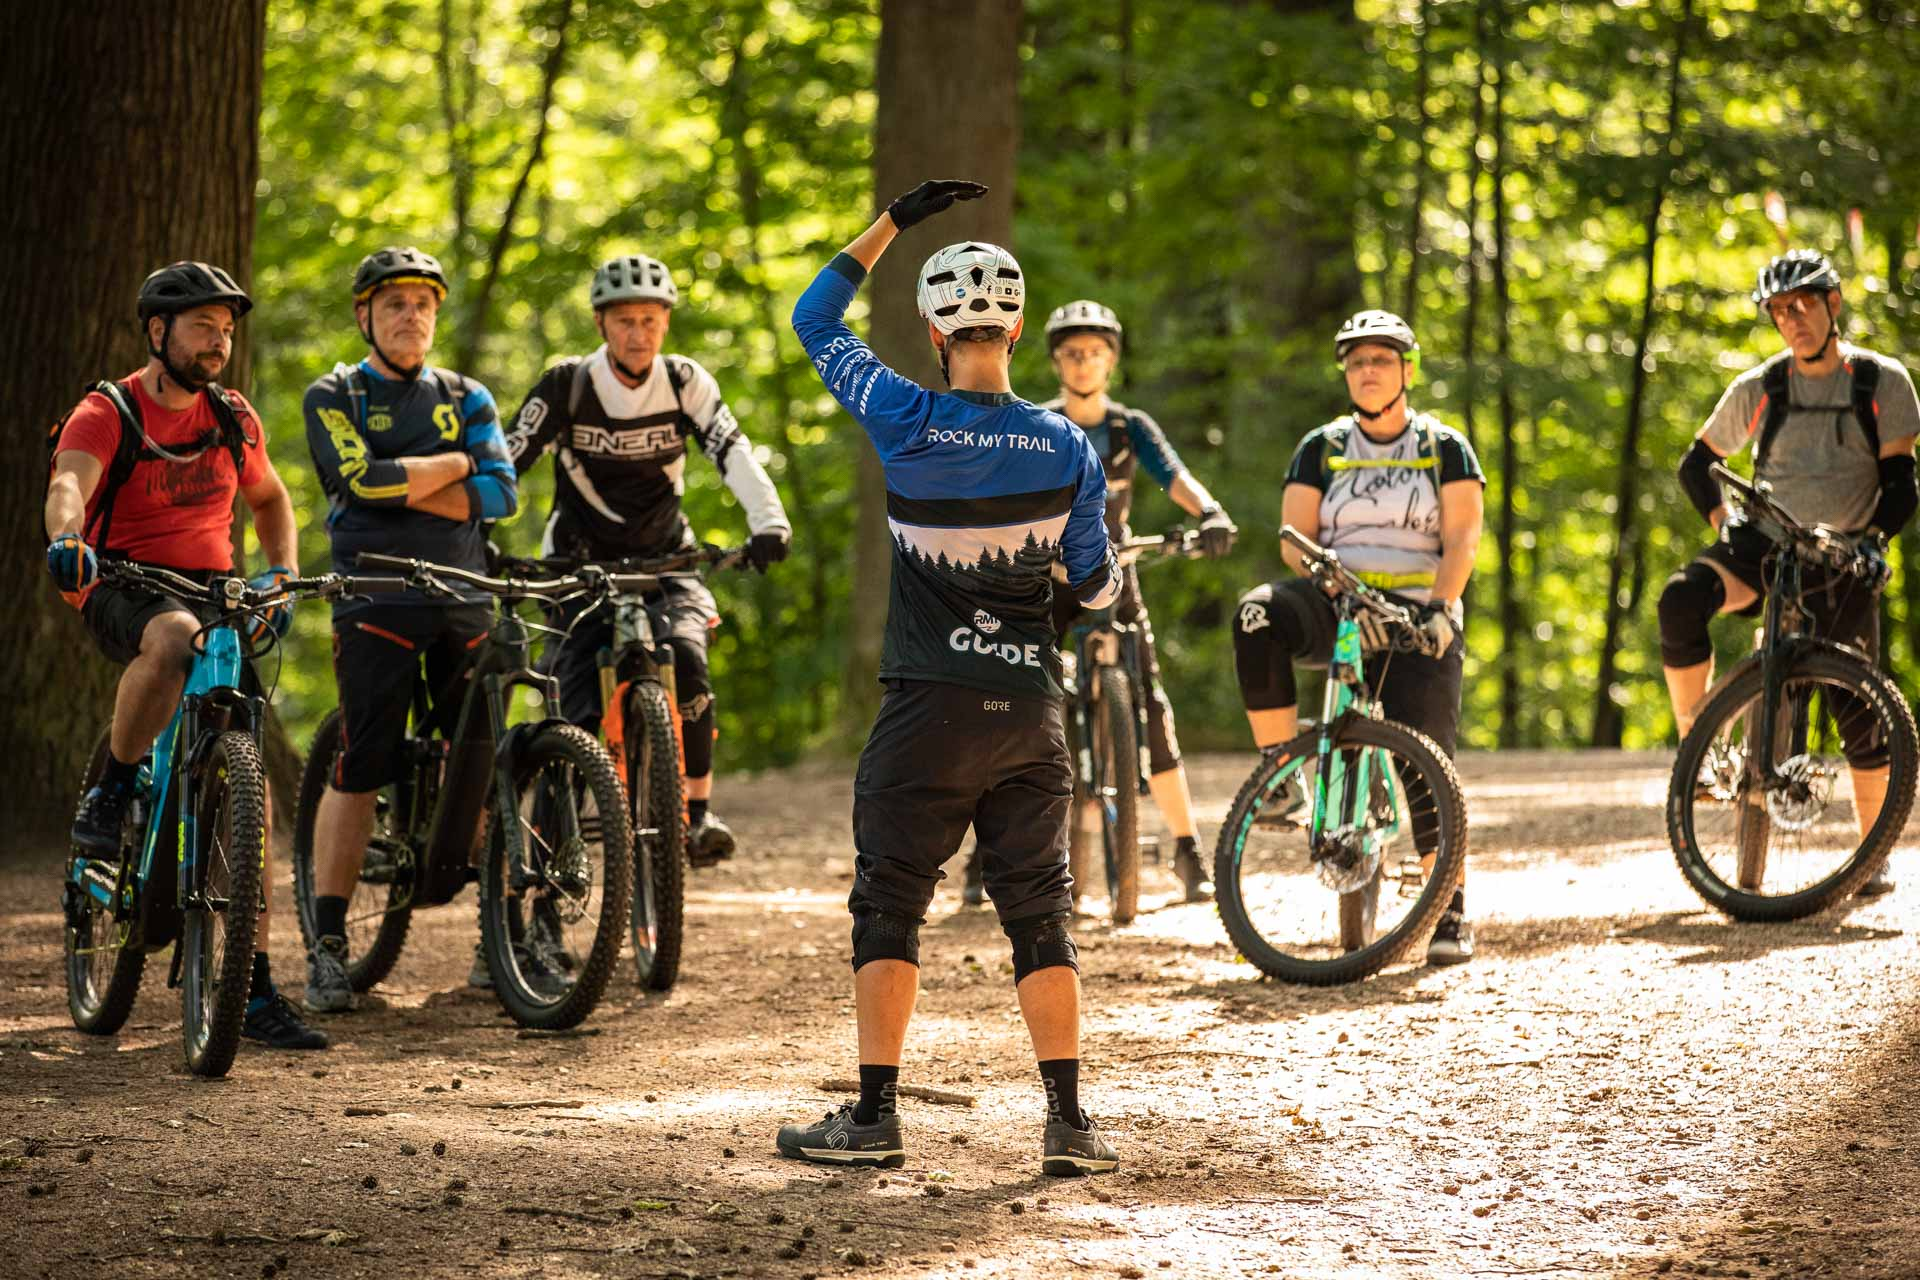 eMTB Fahrtechnik Einsteiger Siegburg Bonn eBike Kurs für eBike Einsteiger_Rock my Trail Bikeschule - 312